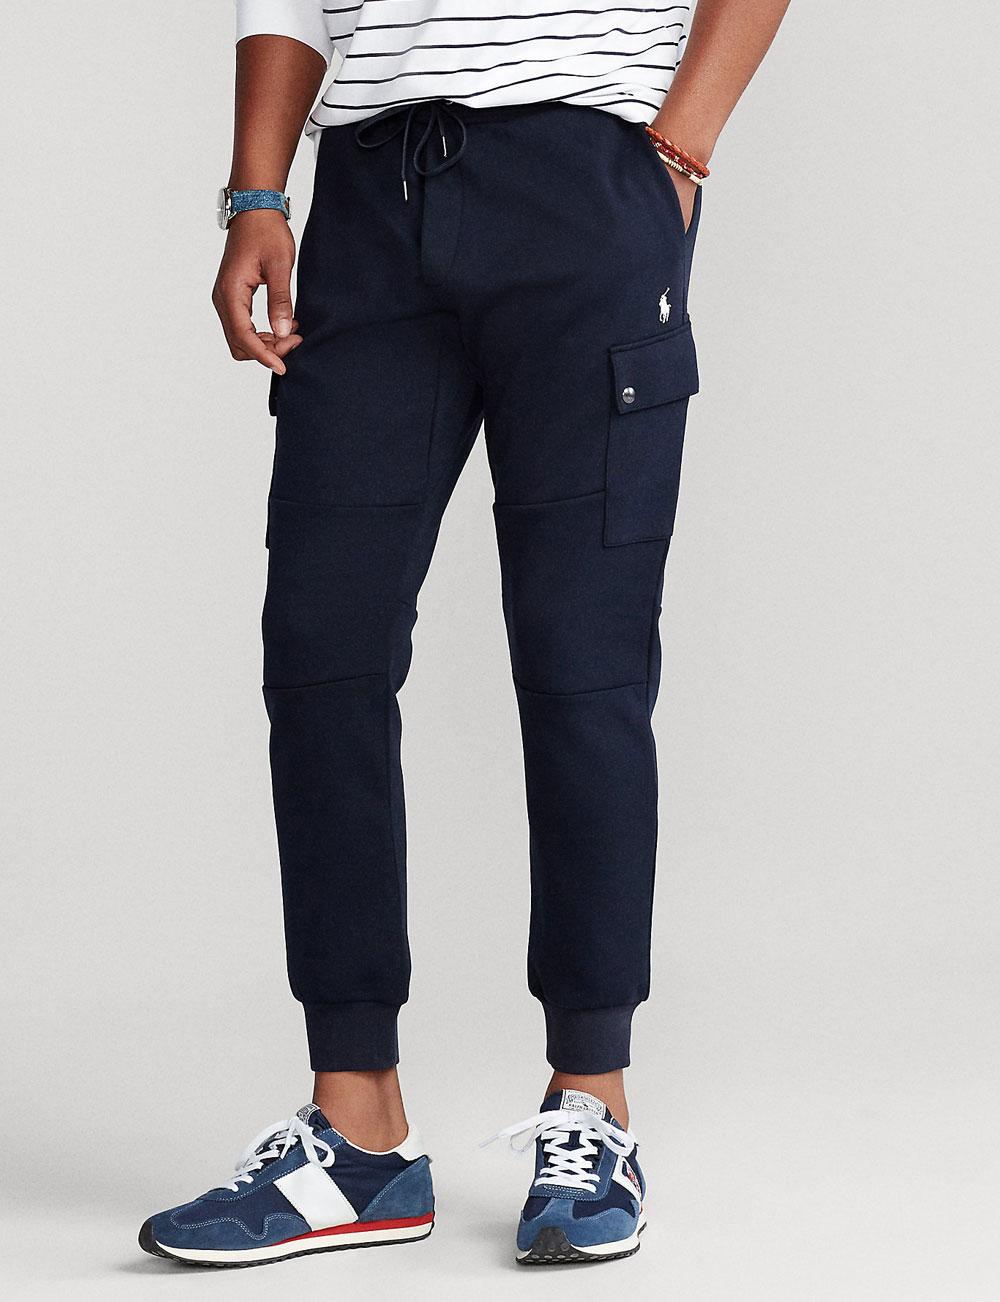 Fête des pères : pantalon de jogging cargo marine pour homme Polo Ralph Lauren